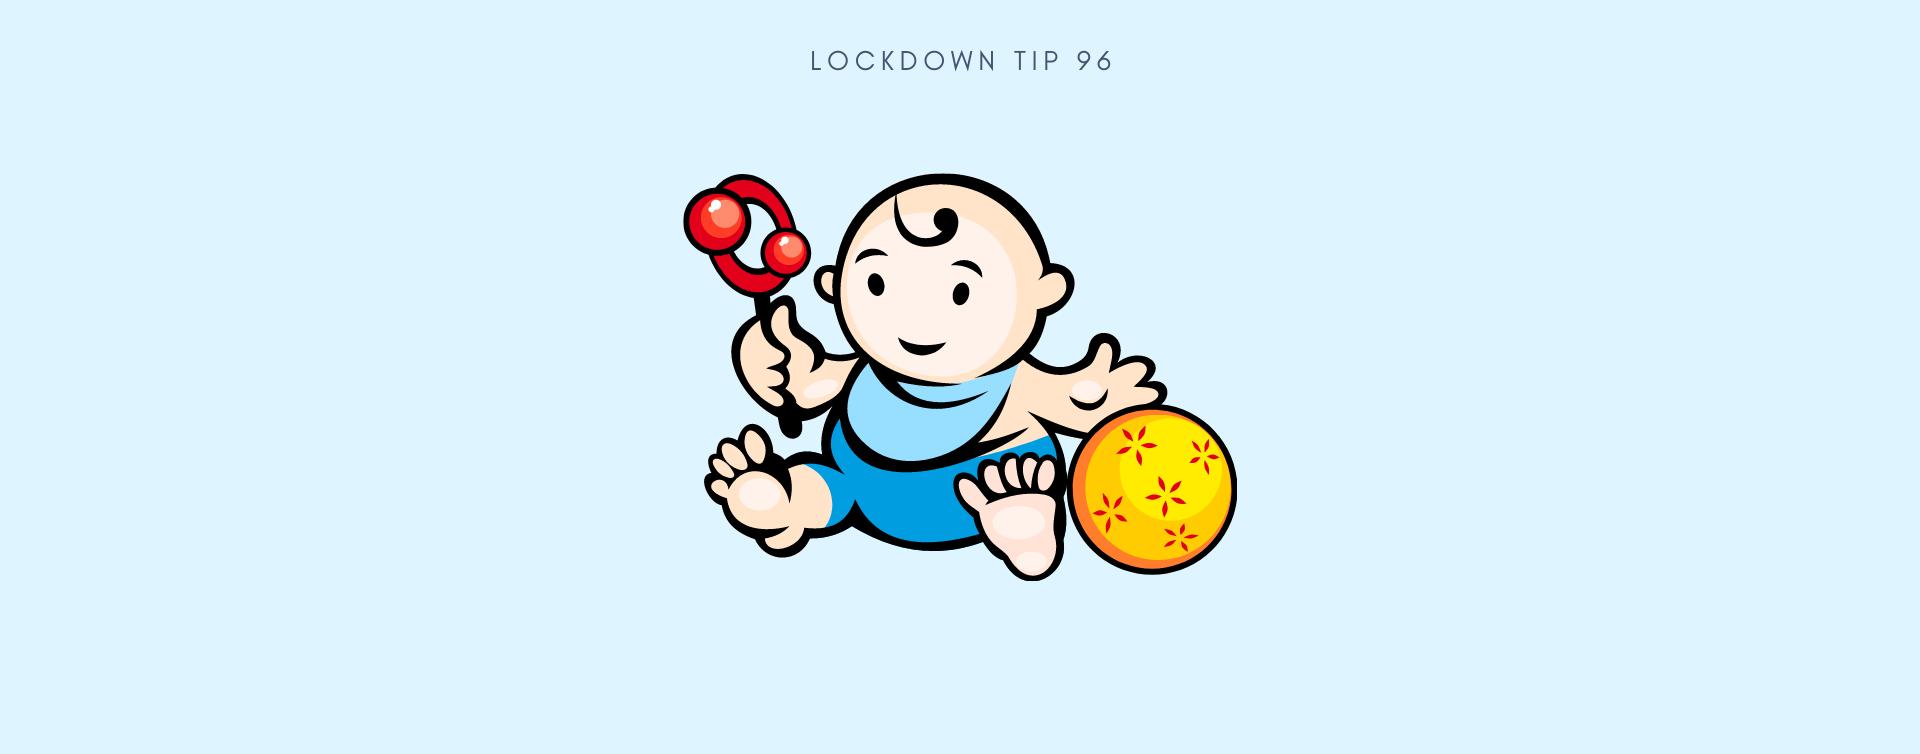 MCSA Lockdown Tip 96